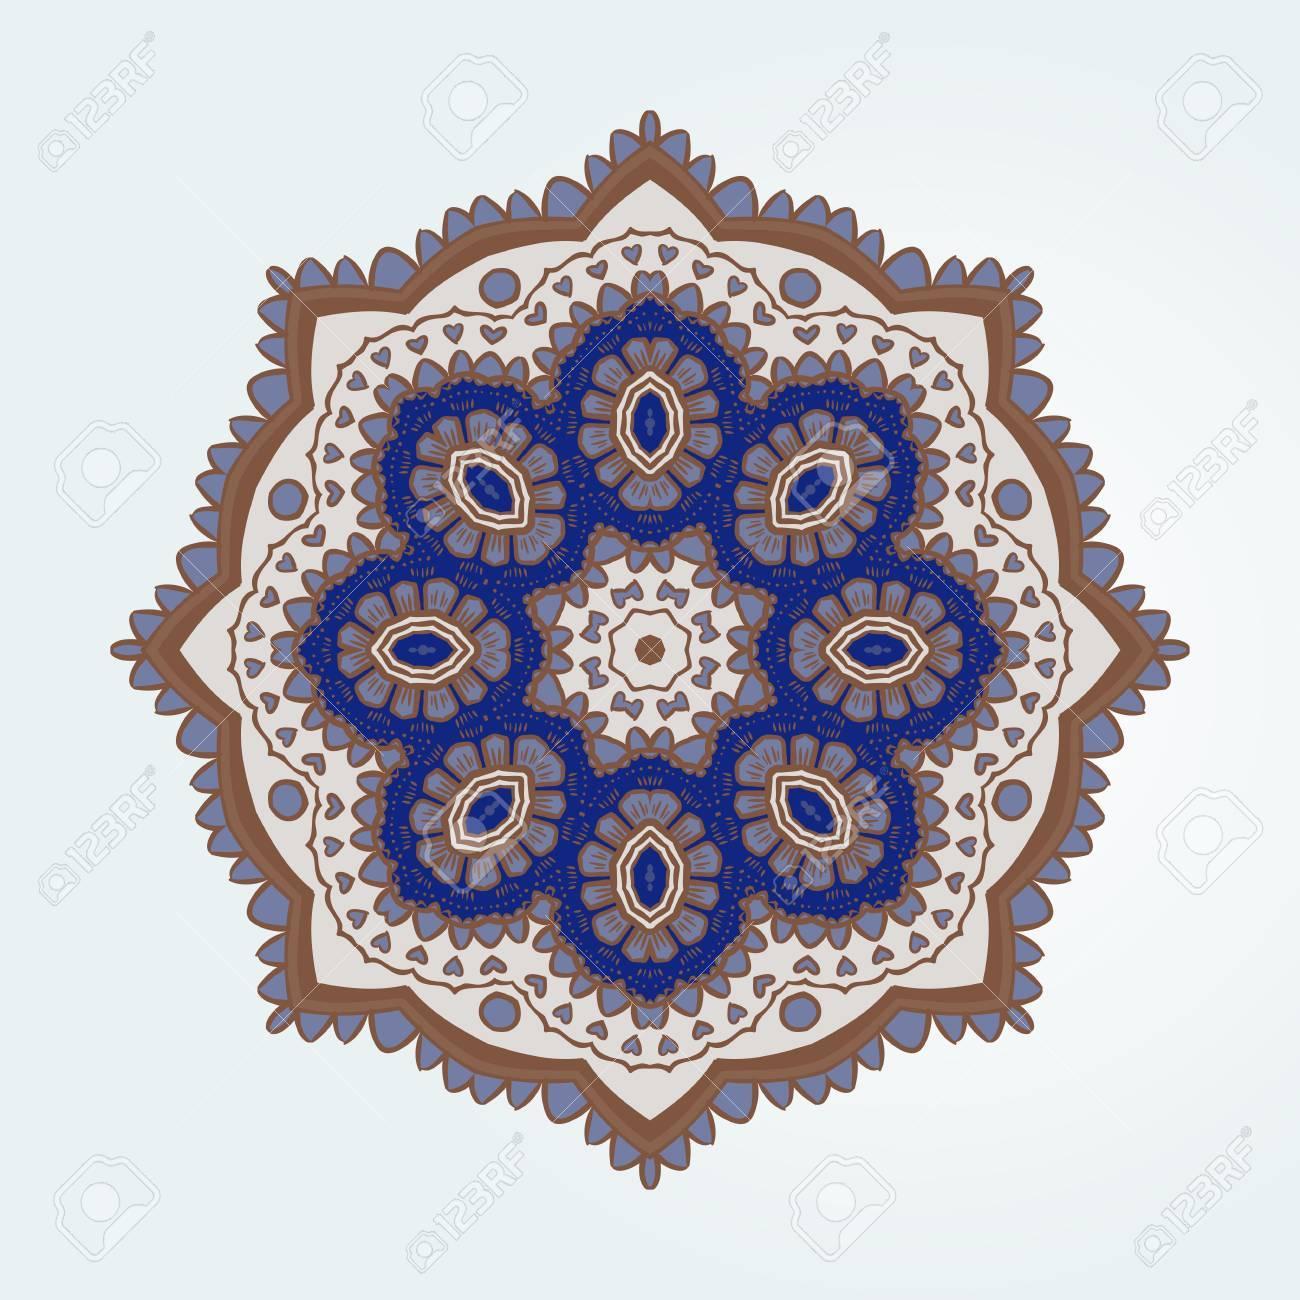 Buddhist Philosophy Mandala Blue Colored Lotus Pattern On The Background Yoga Asanas And Meditation